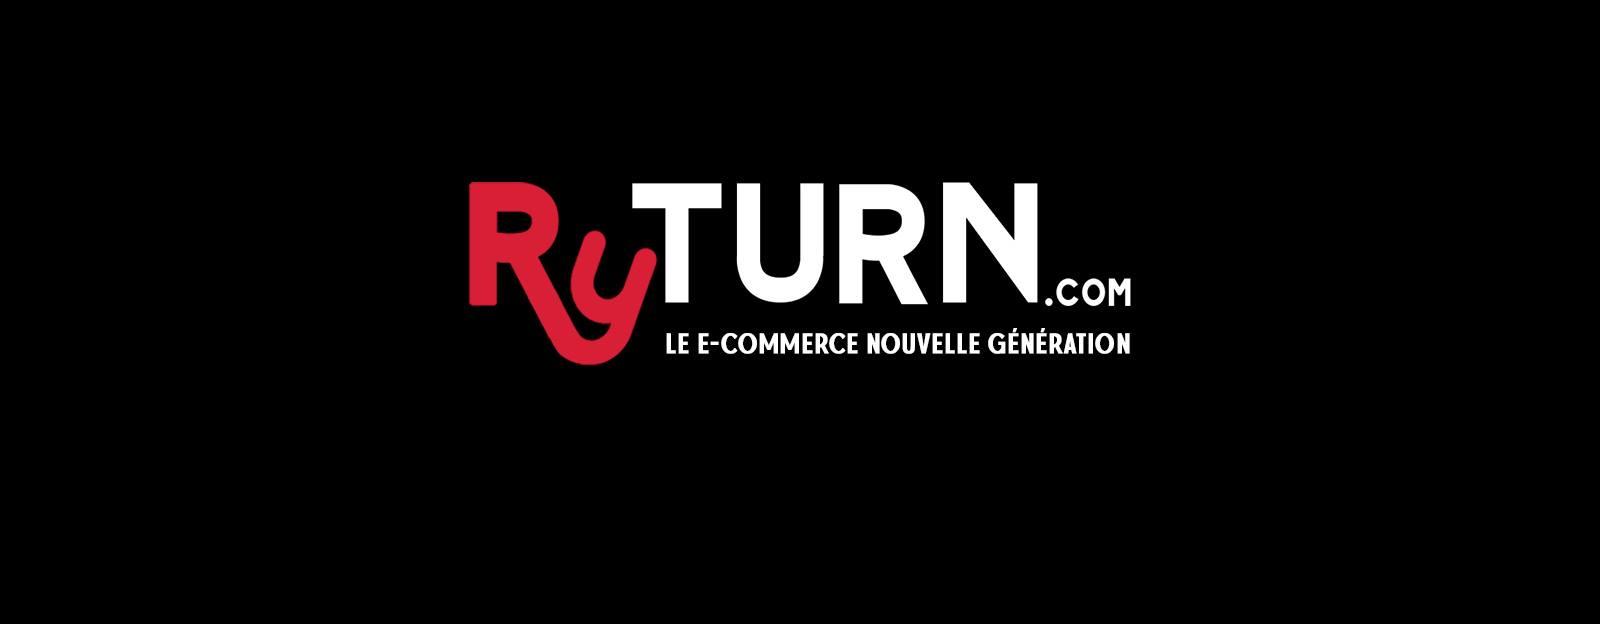 Ryturn annonce l'ouverture d'une Marketplace de nouvelle génération 0001